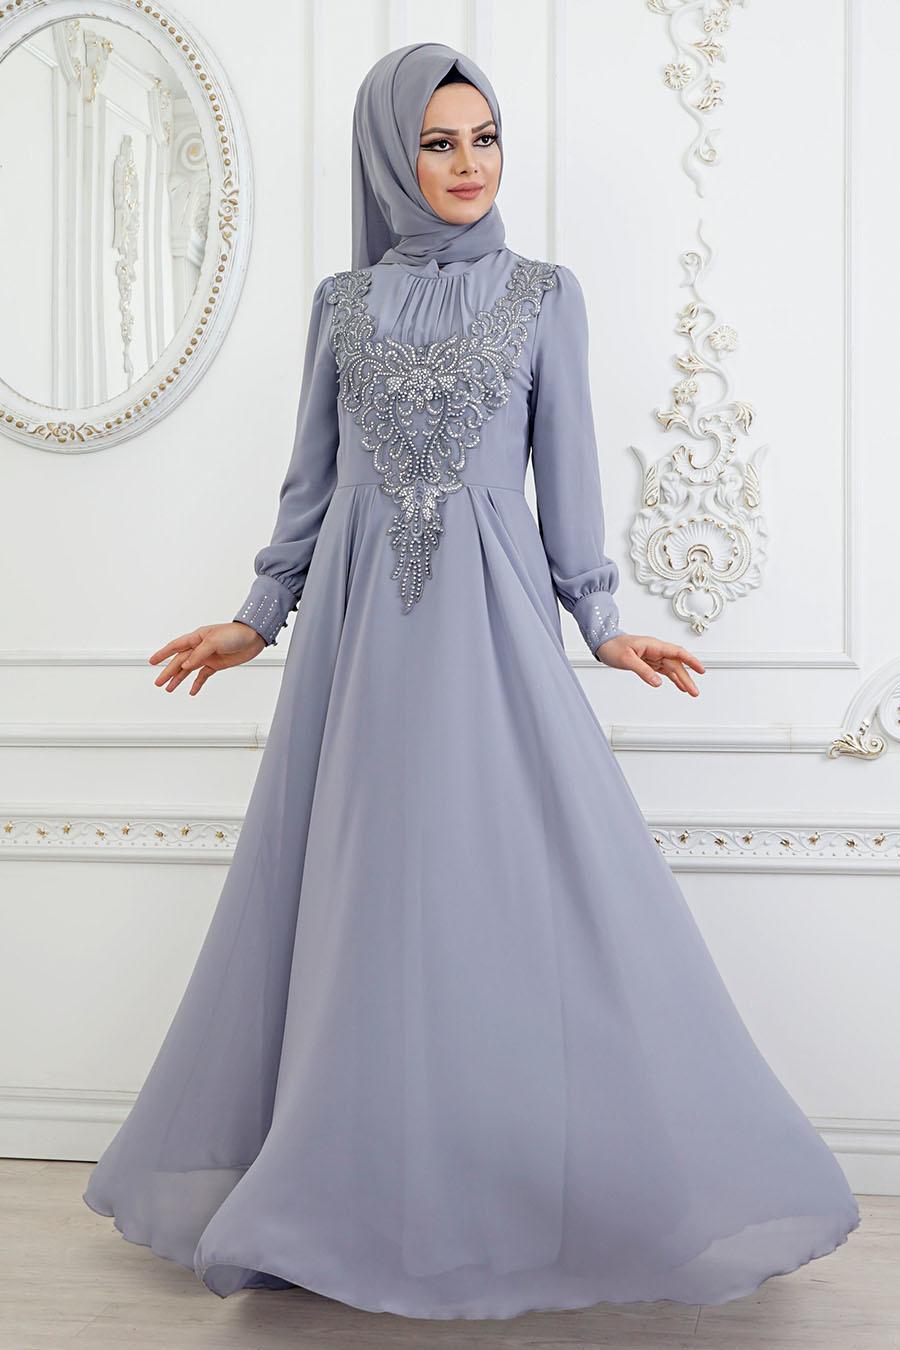 Tesettürlü Abiye Elbise - Boncuk Detaylı Gri Tesettür Abiye Elbise 84790GR